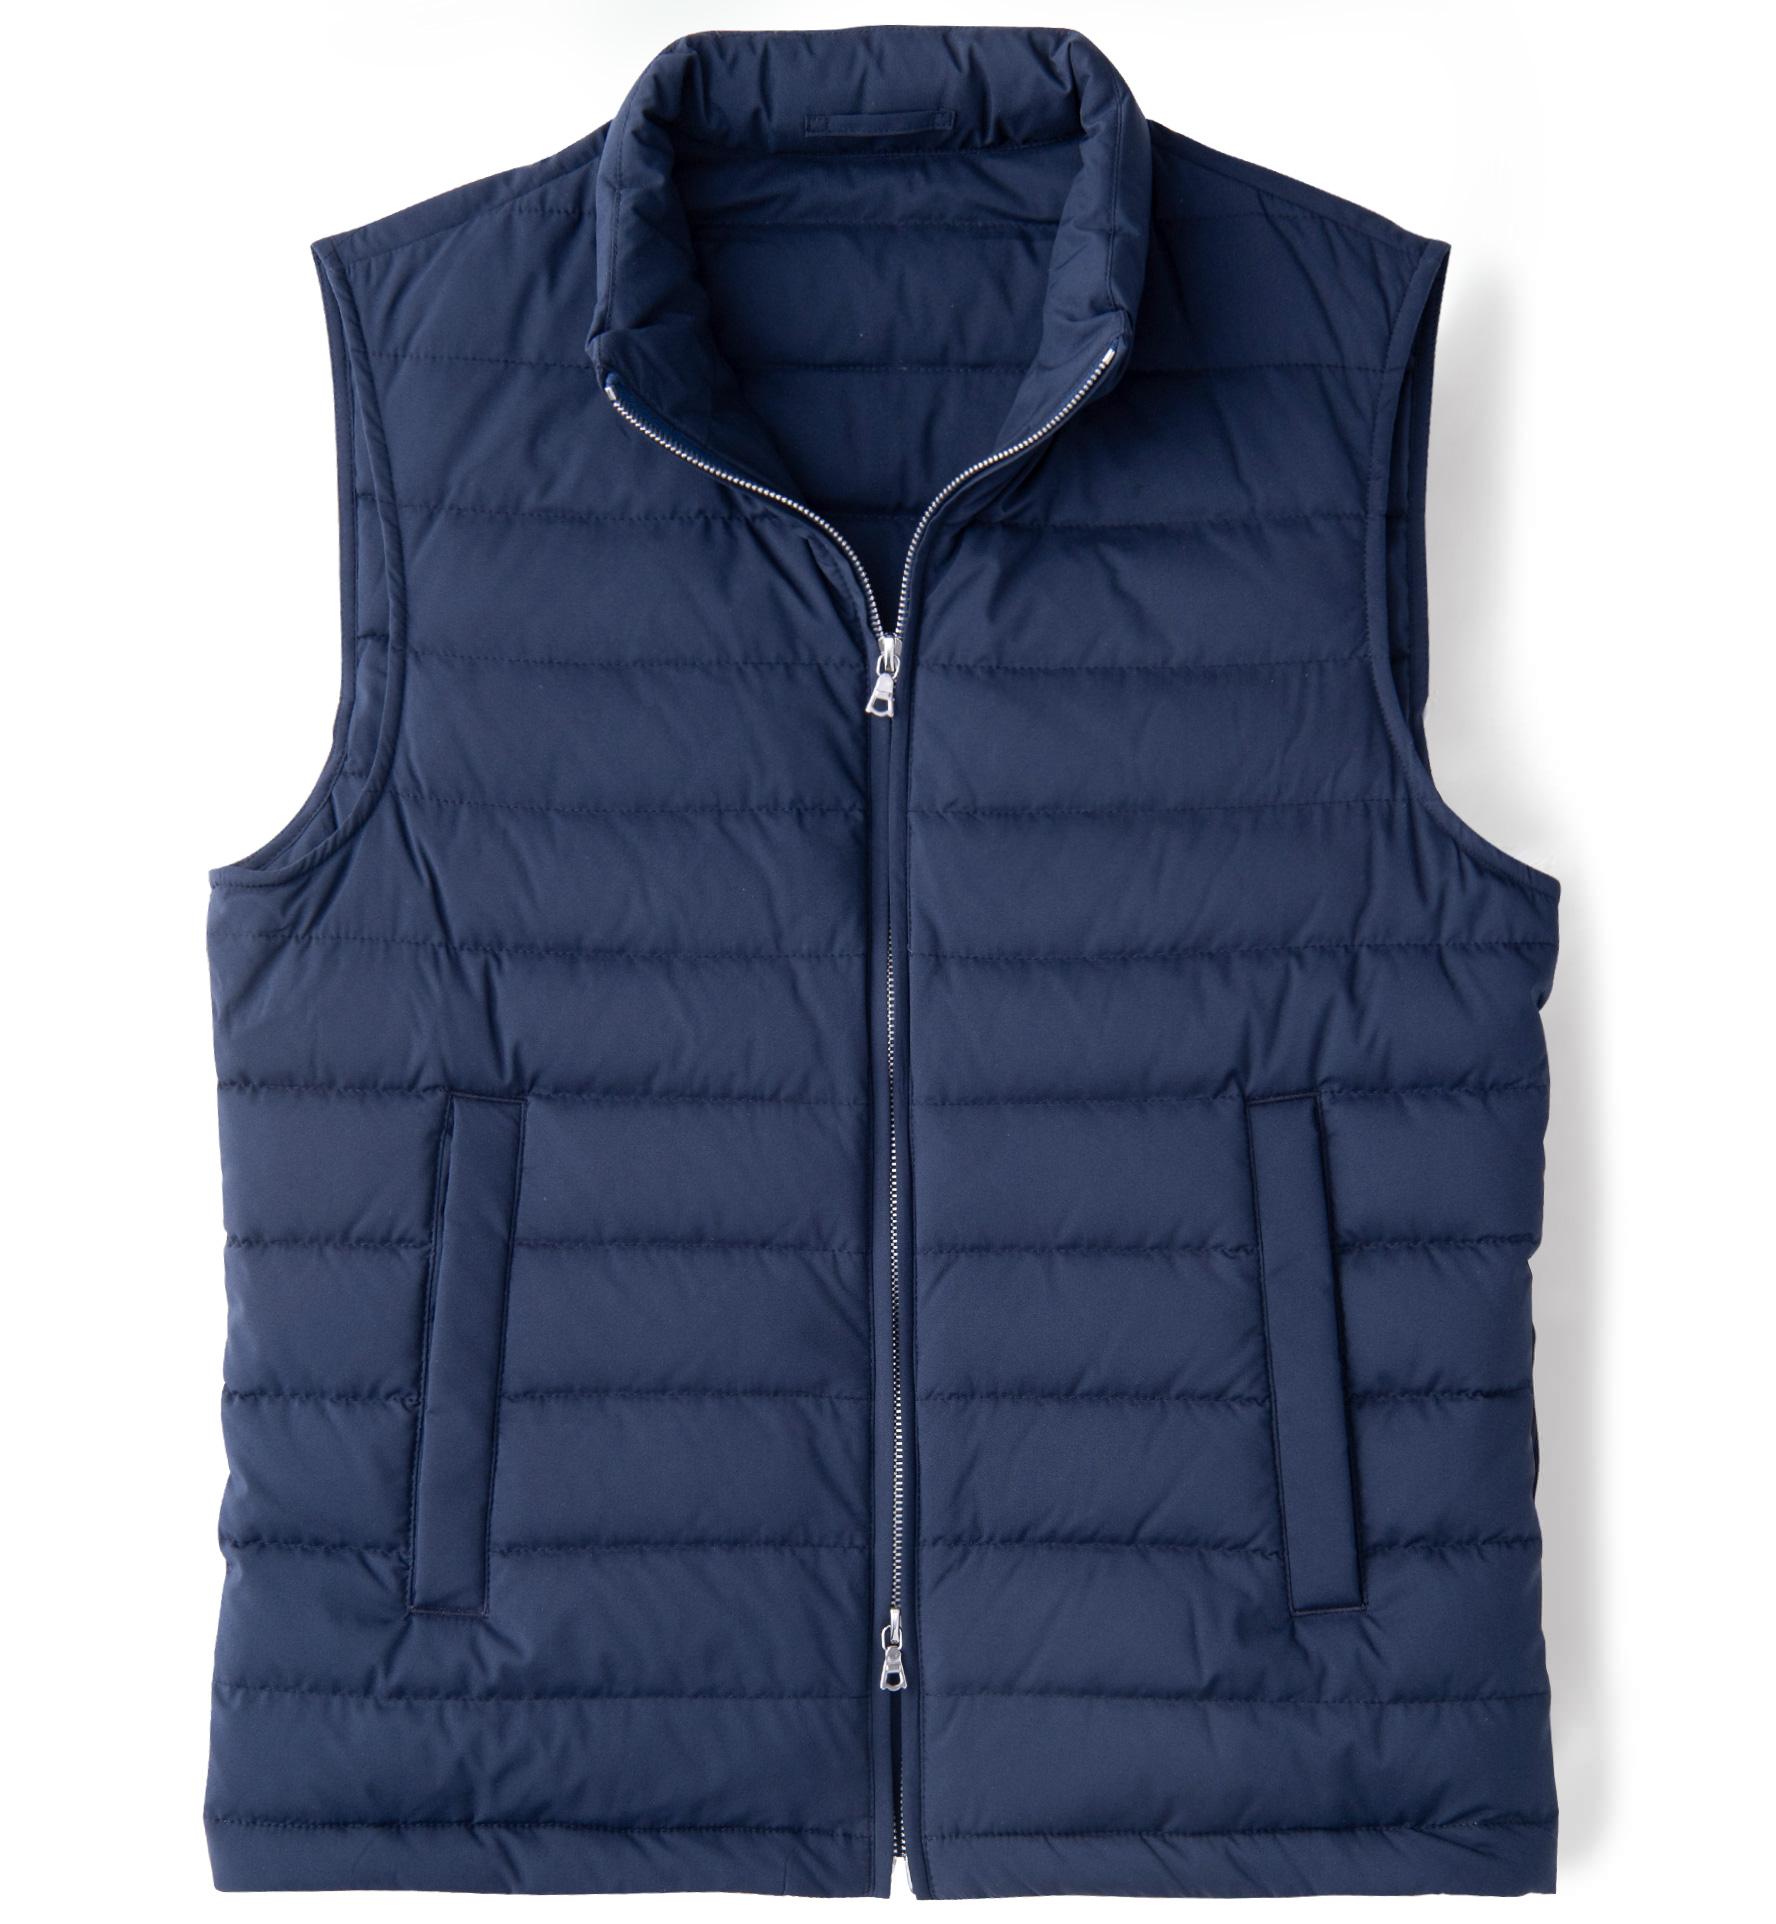 Zoom Image of Brera Navy Performance Zip Vest